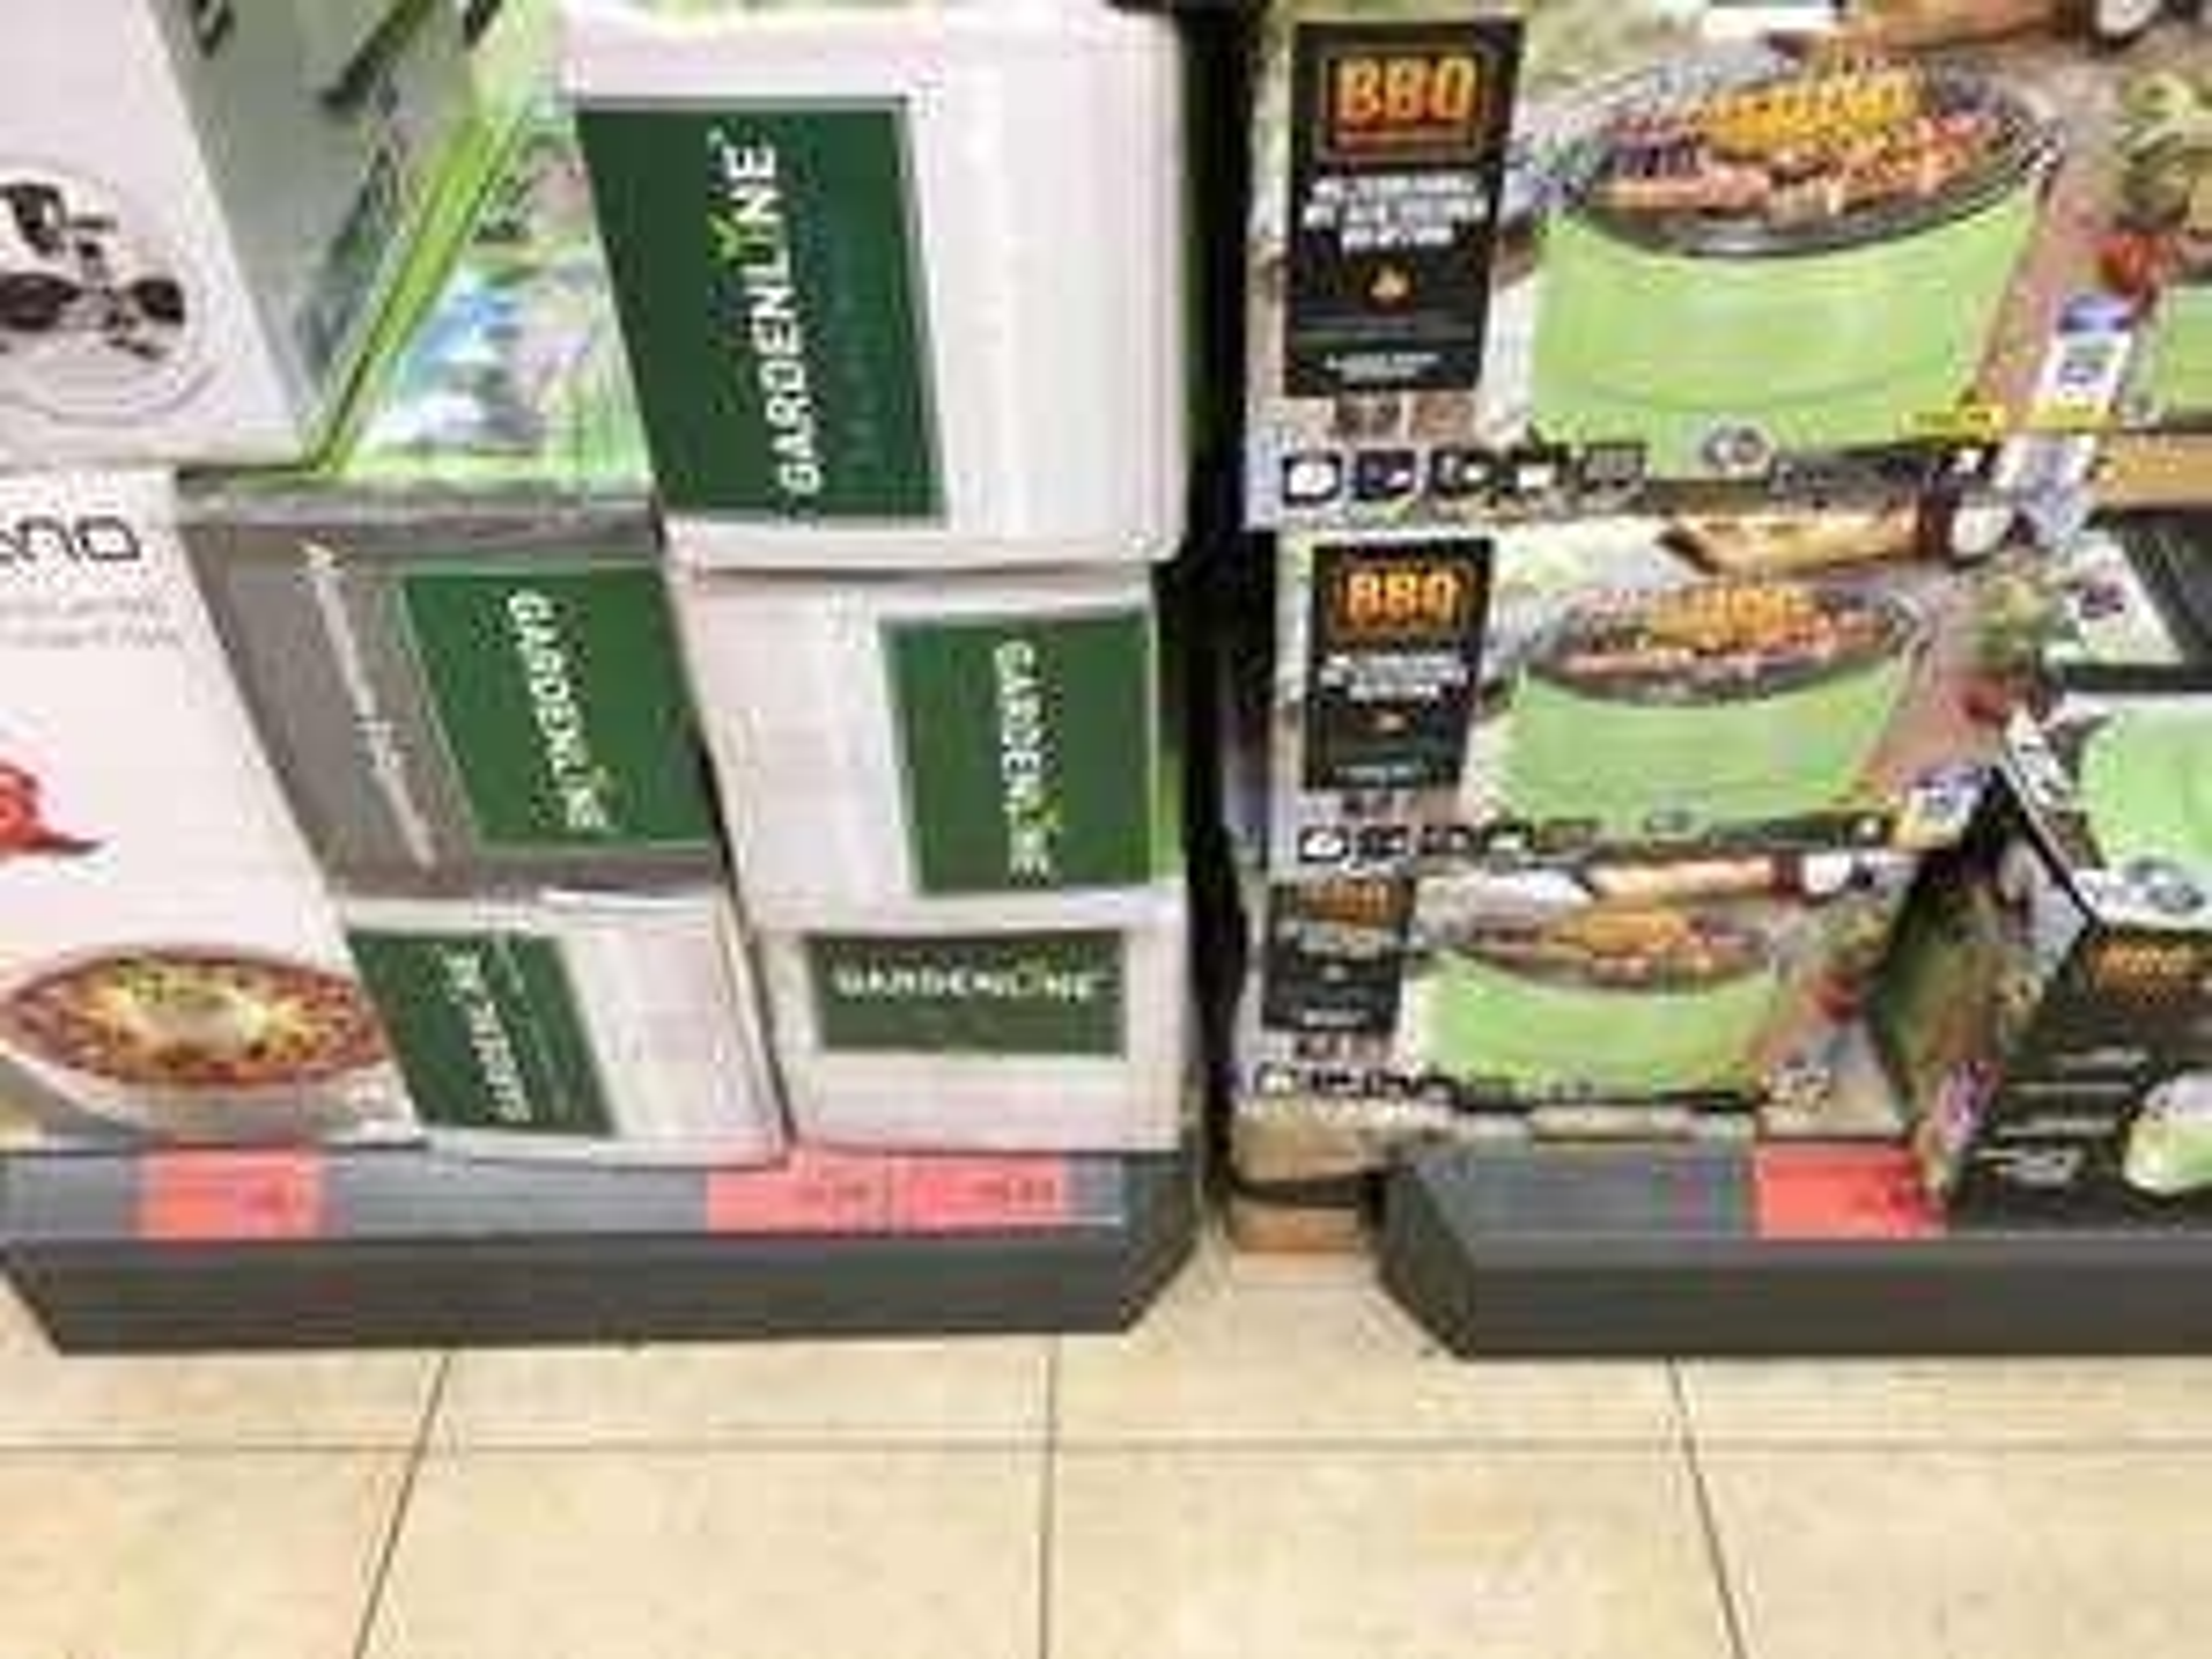 [Lokal Aldi Karlsruhe/Beiertheim] Aktiv Holzkohlegrill ähnlich Lotusgrill 24,99€ Küchenmaschine ähnlich Thermomix 99€